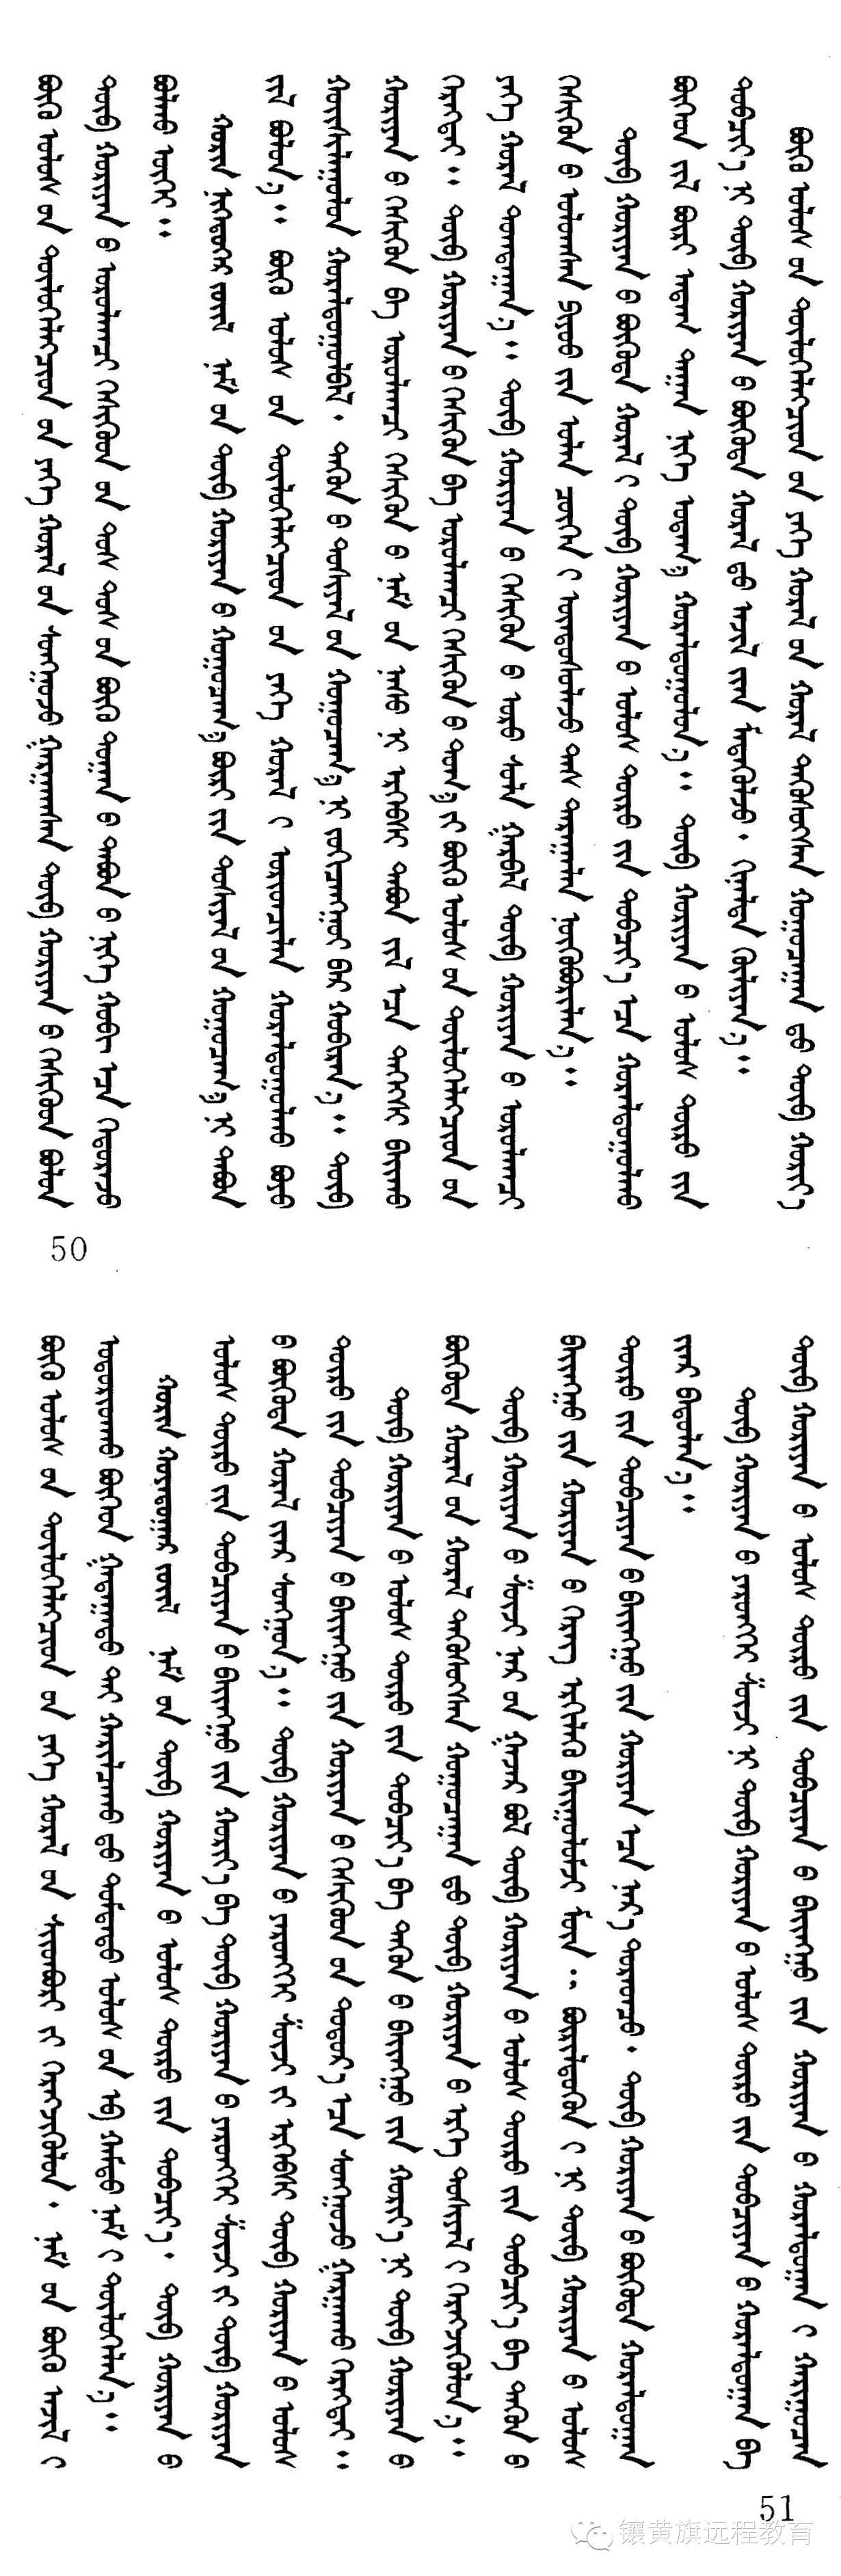 【两学一做材料】蒙文版《党章》 第11张 【两学一做材料】蒙文版《党章》 蒙古文库